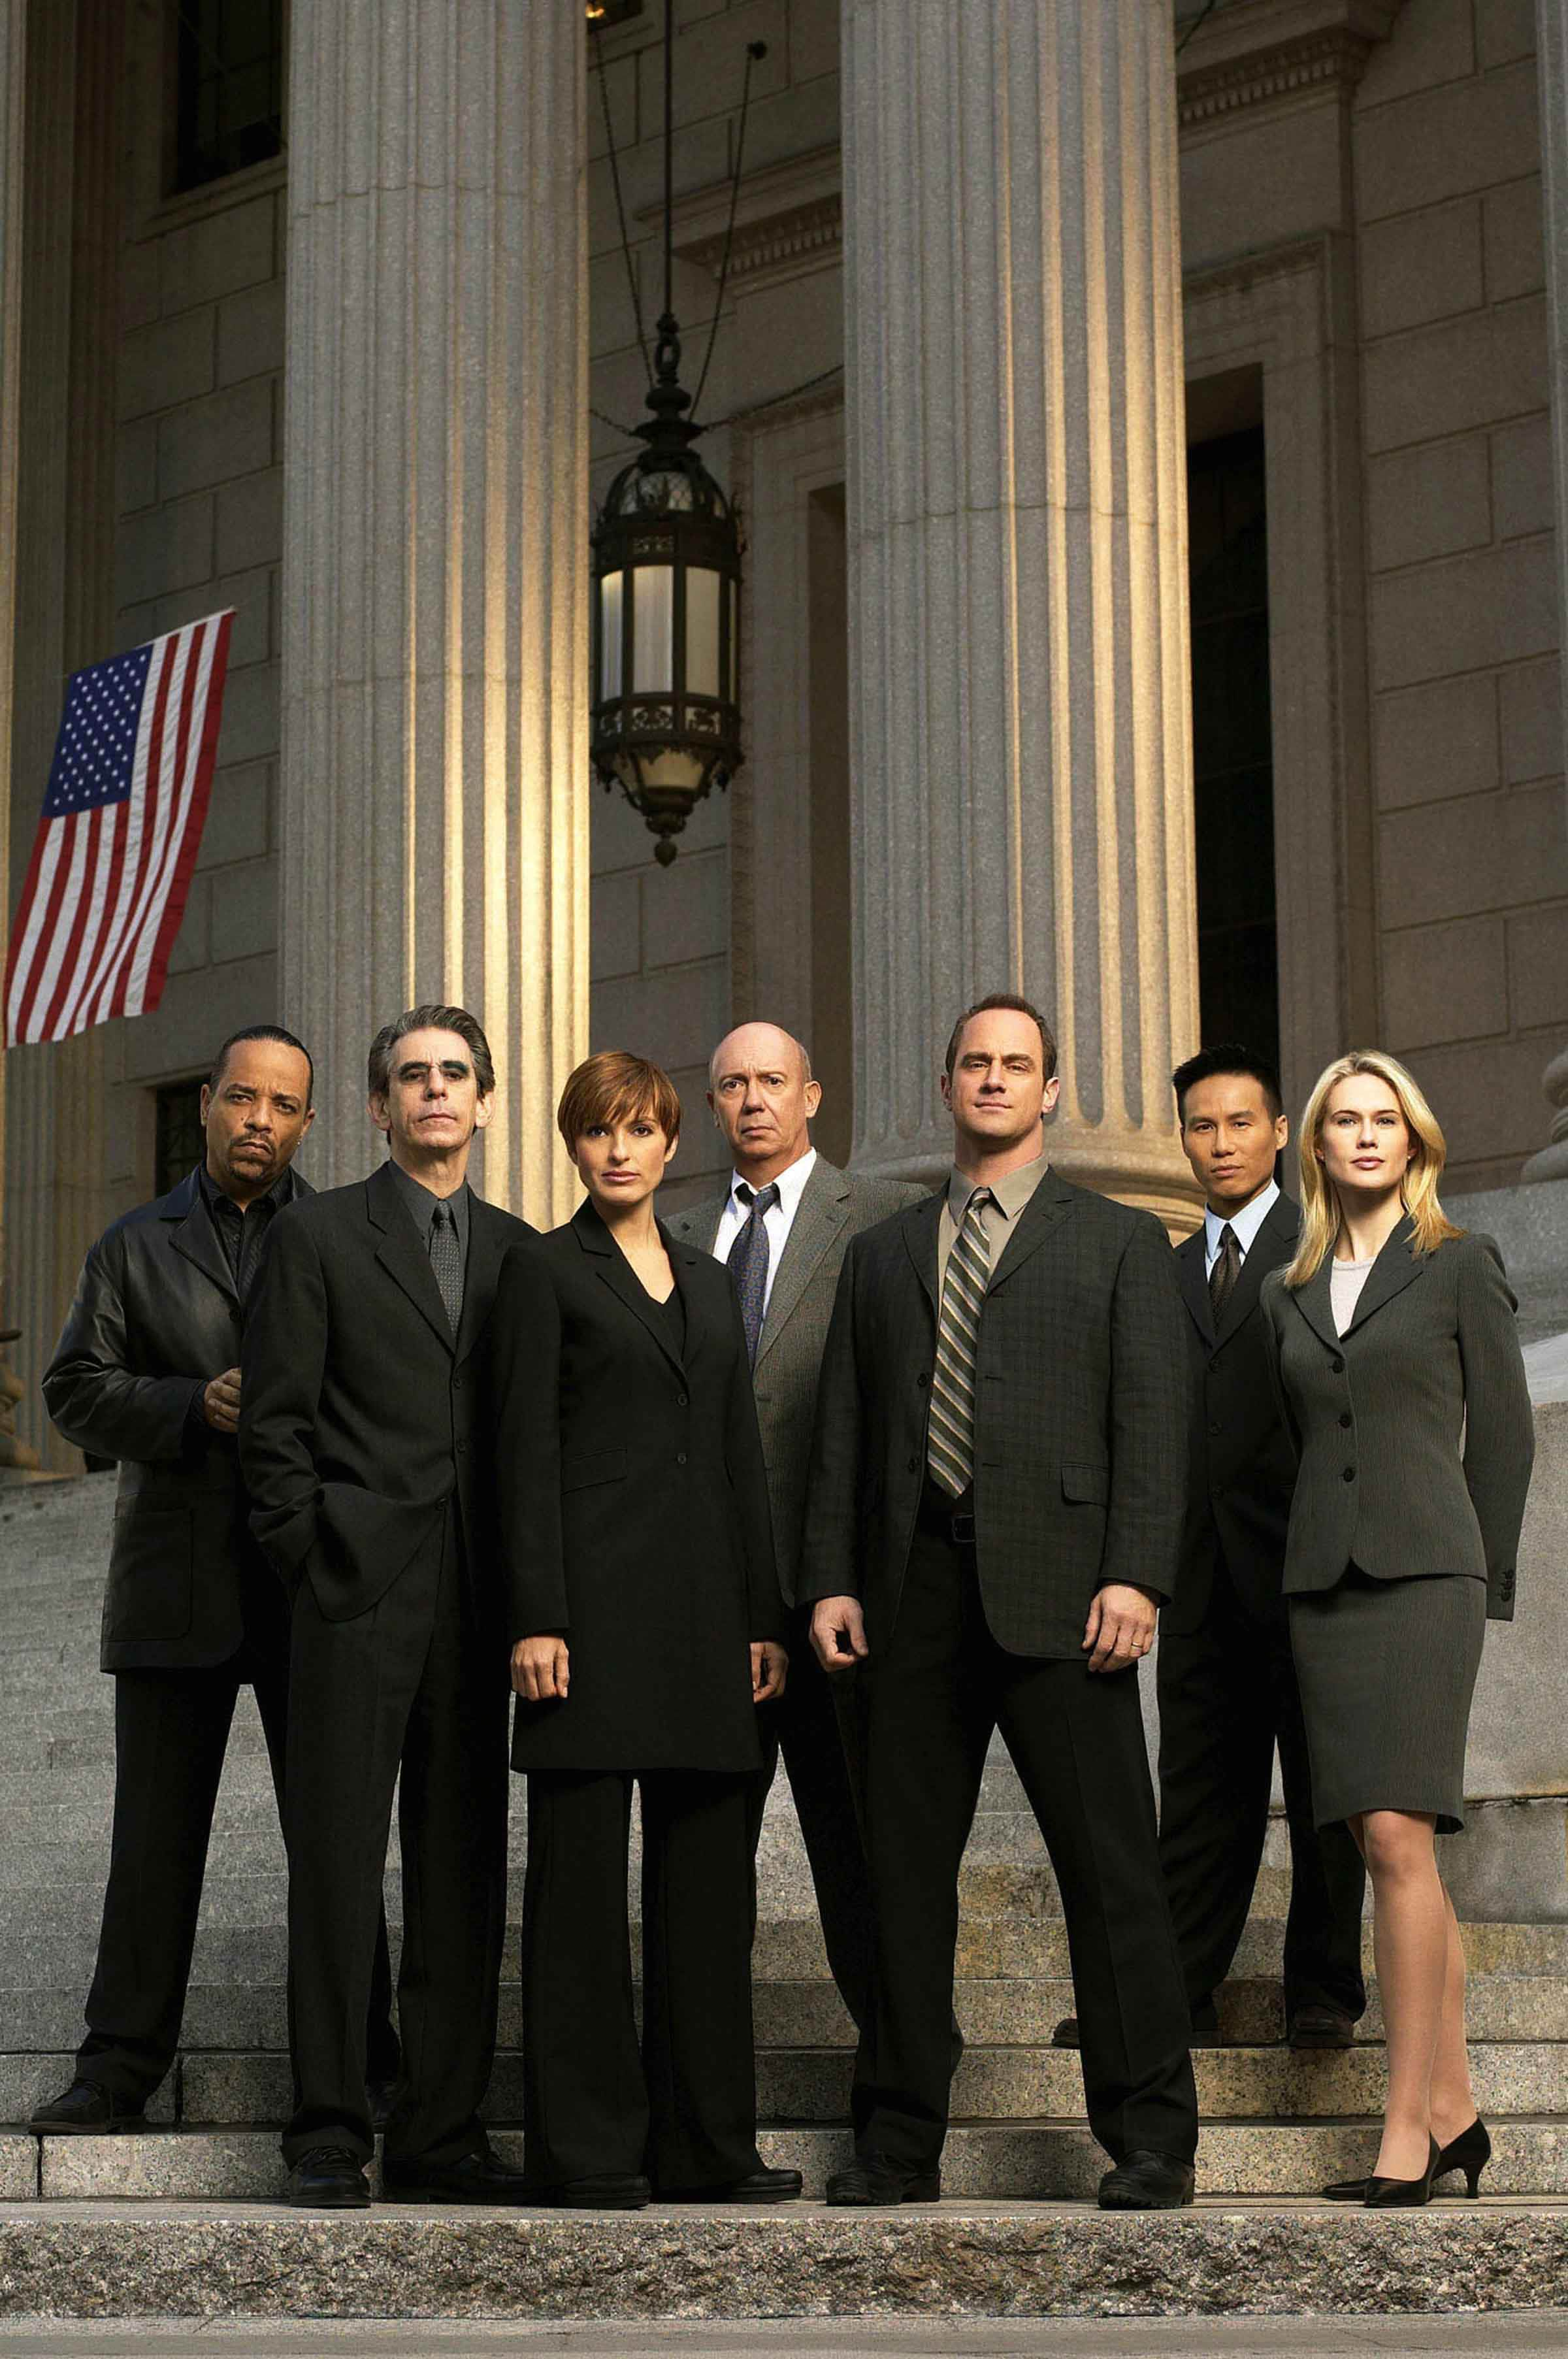 Law & Order: SVU - Promo | Law & Order: SVU | Pinterest